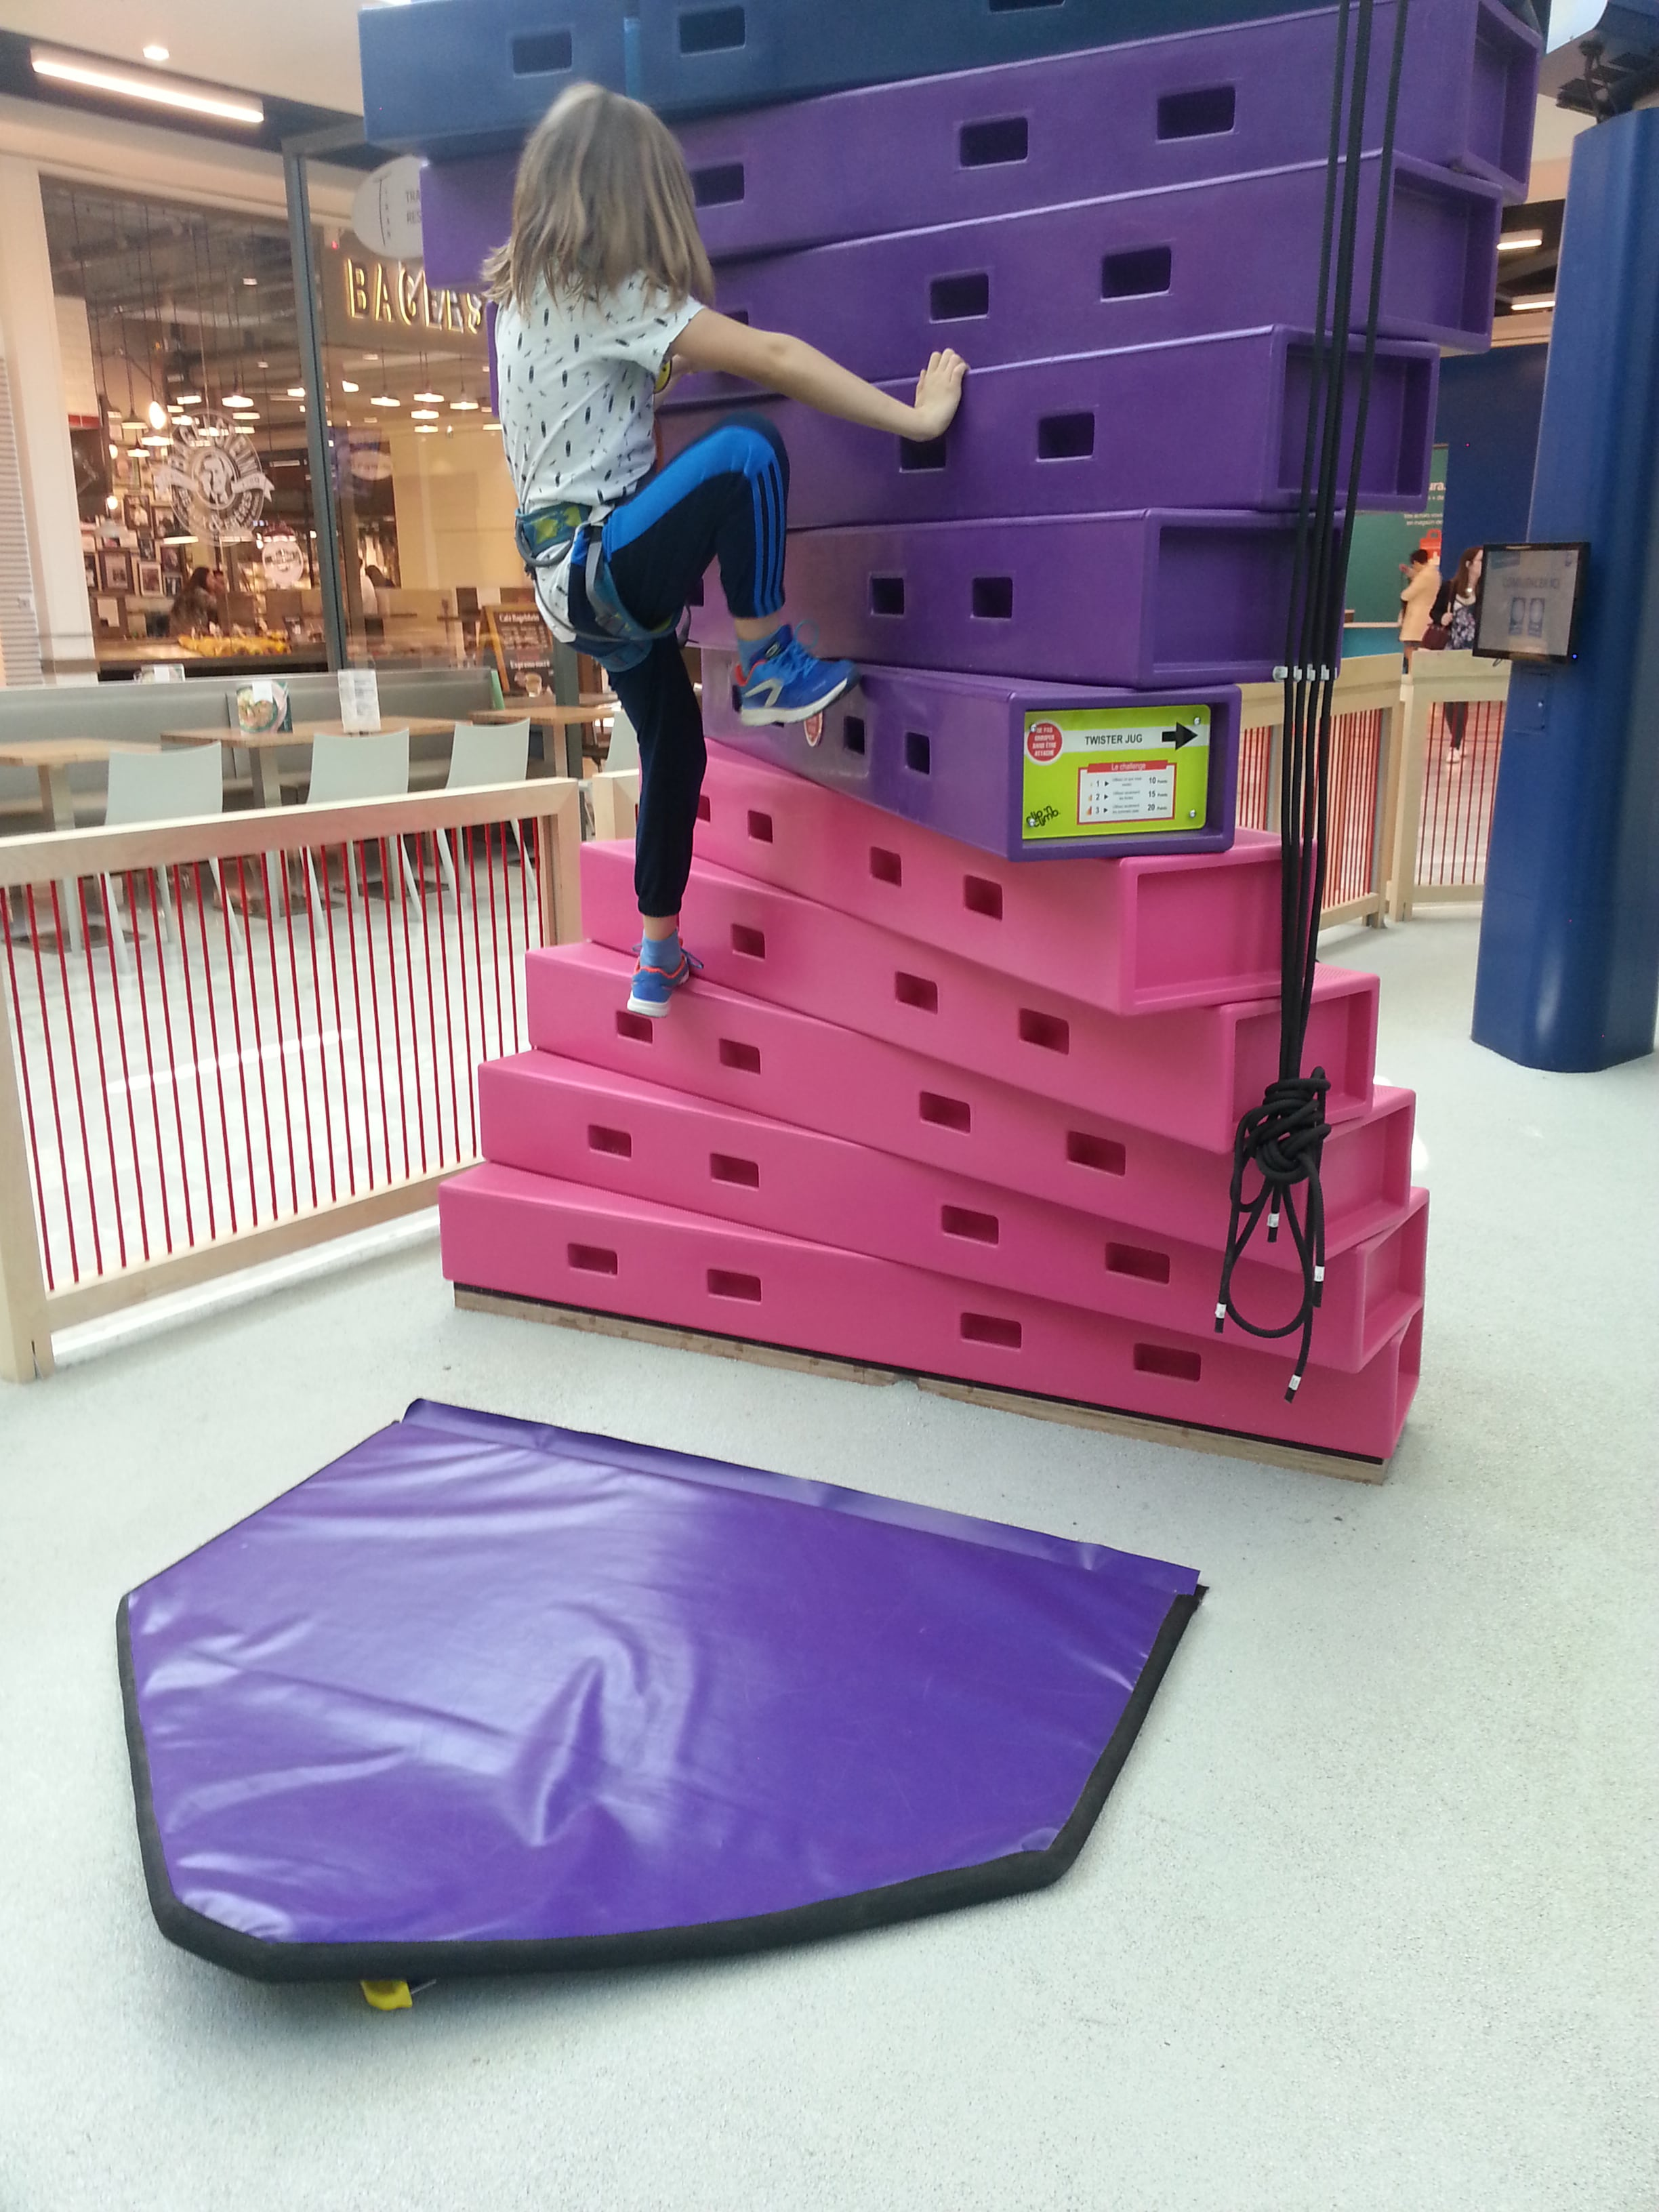 maman-forme-hapik-rennes-escalade-ludique-enfant-parent-escalier-colore-debut-min